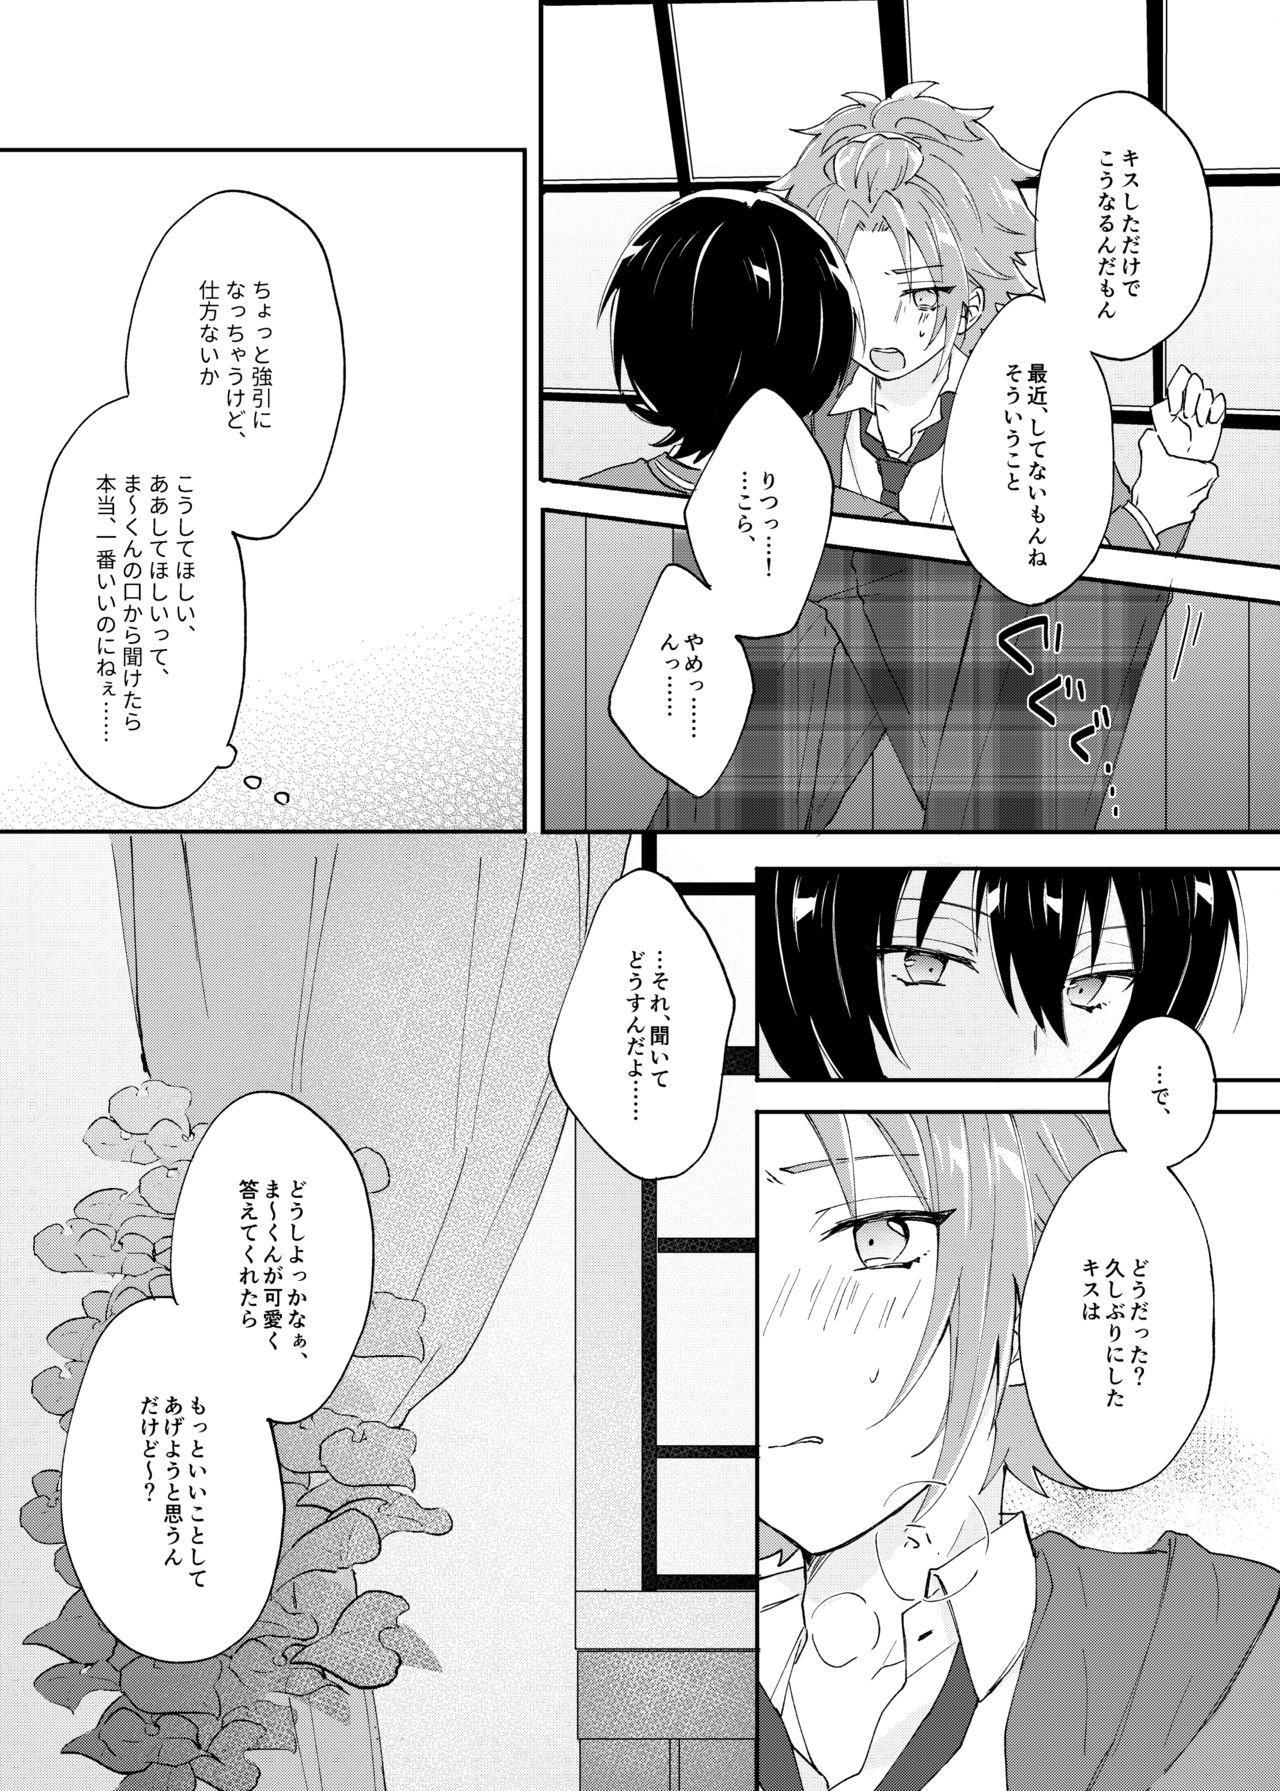 Rou o Tokashite 11